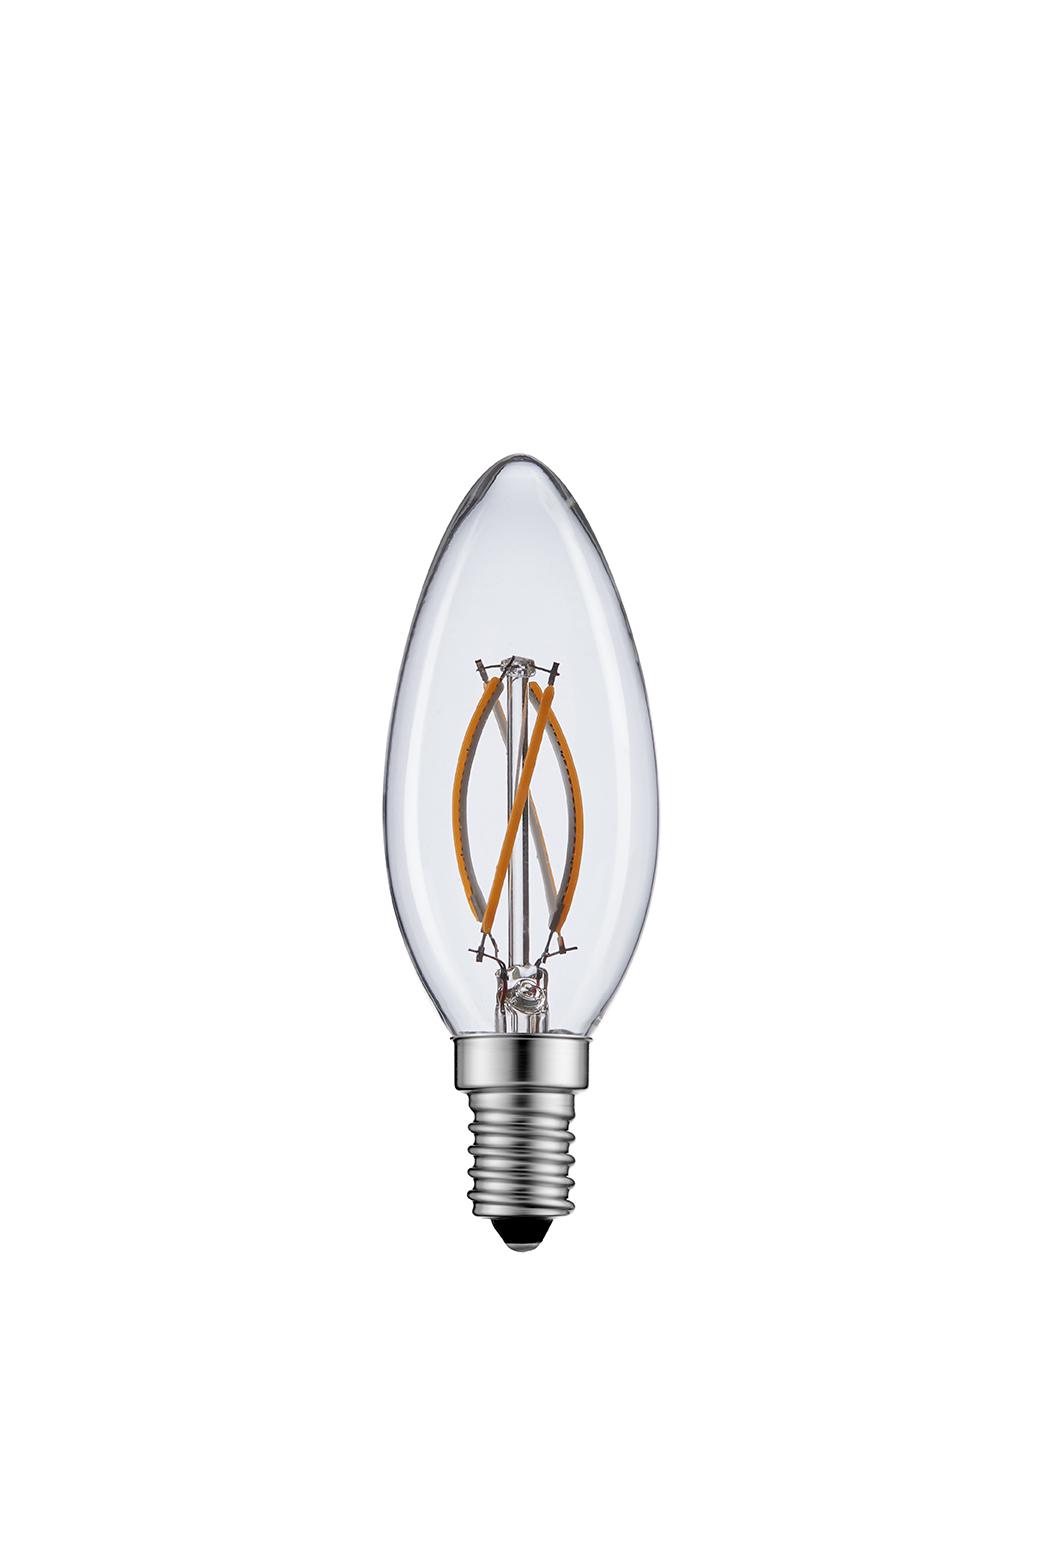 Graphene Curved Filament Bulb C35 – Graphene Lighting